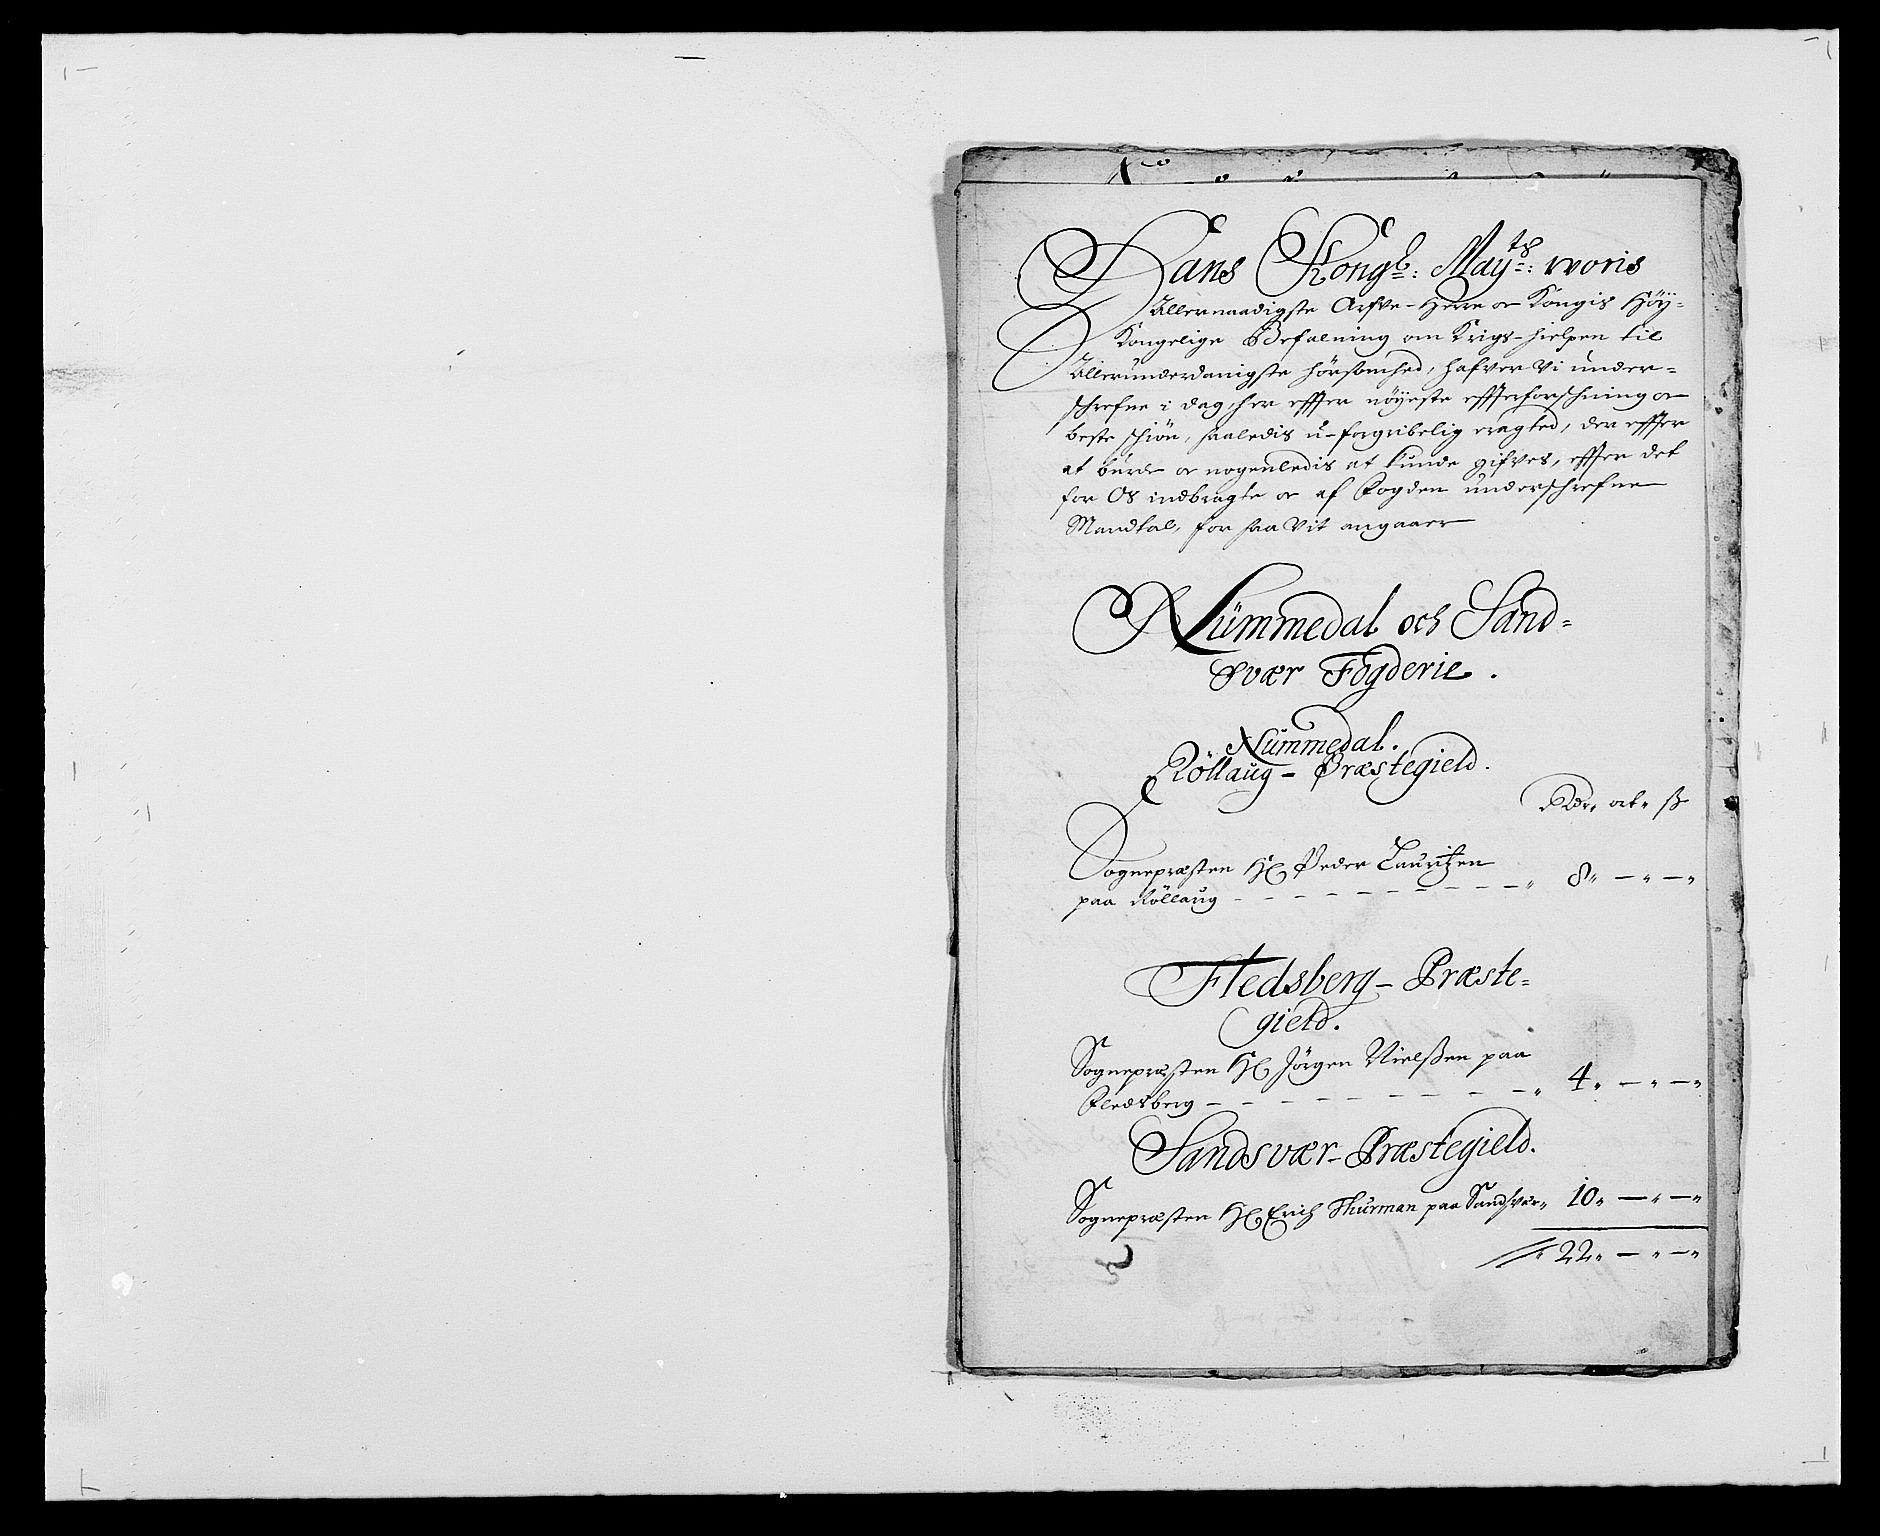 RA, Rentekammeret inntil 1814, Reviderte regnskaper, Fogderegnskap, R24/L1570: Fogderegnskap Numedal og Sandsvær, 1679-1686, s. 359